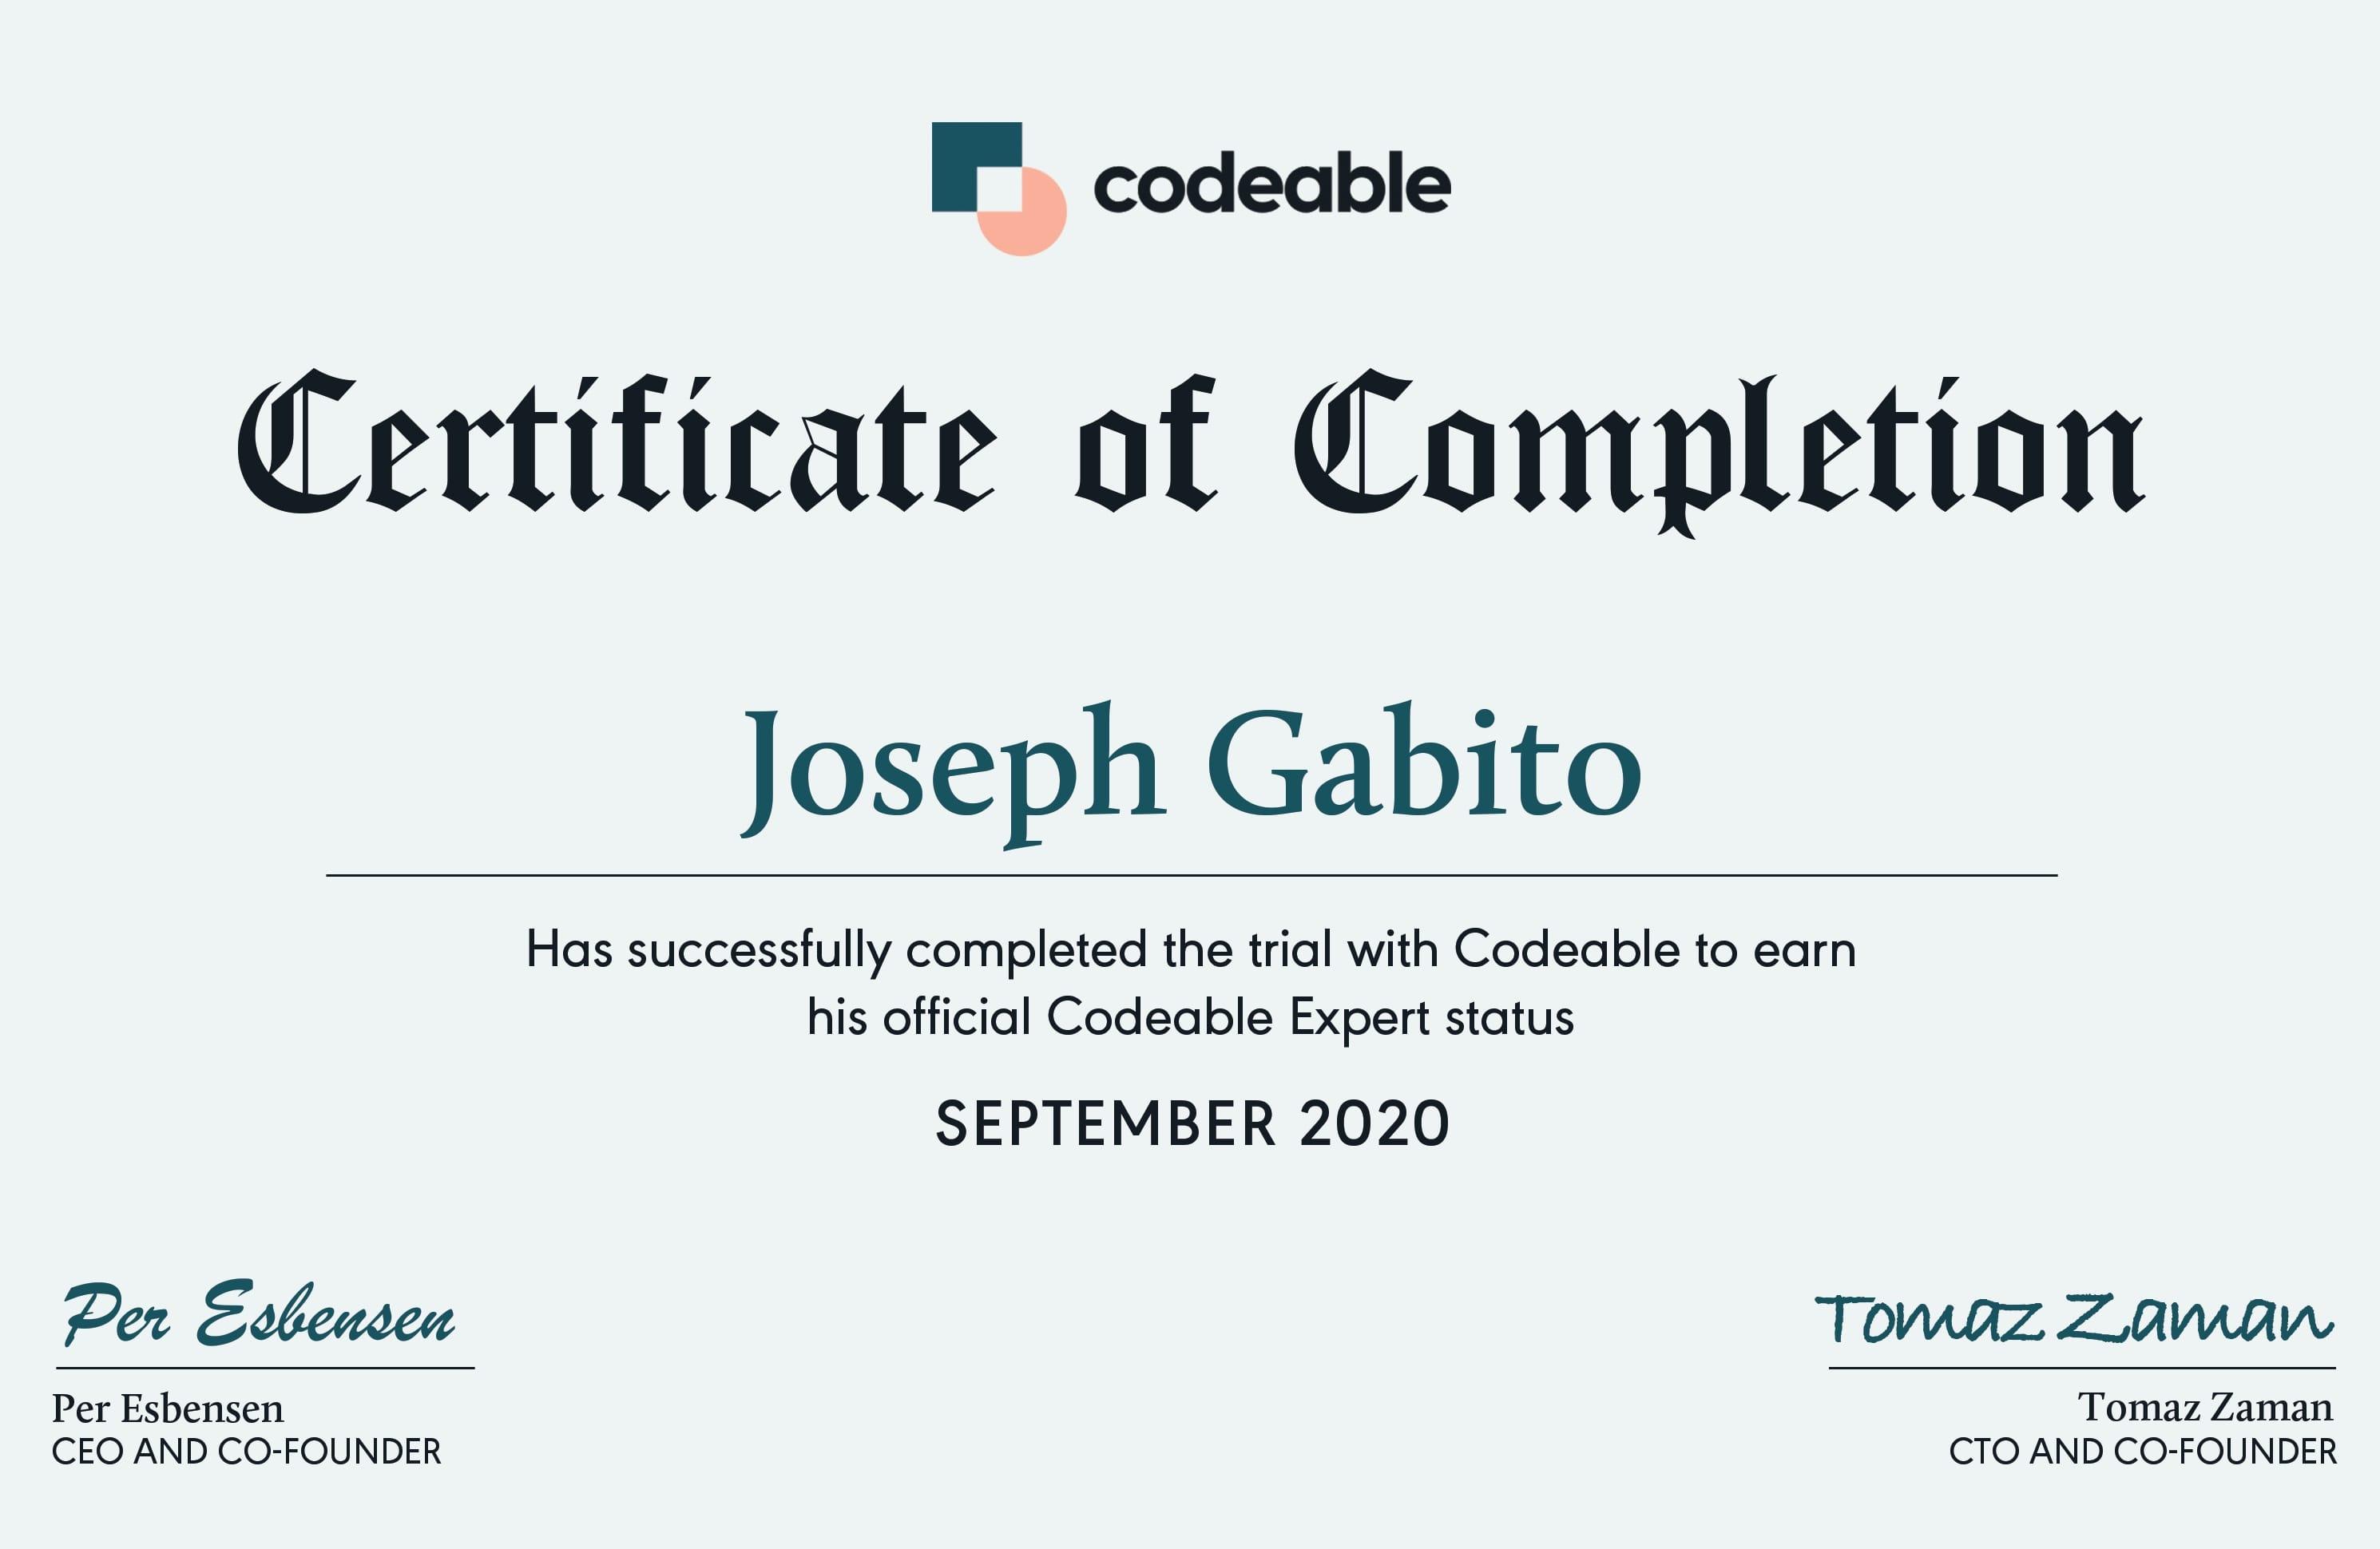 Joseph Gabito's Codeable Certificate